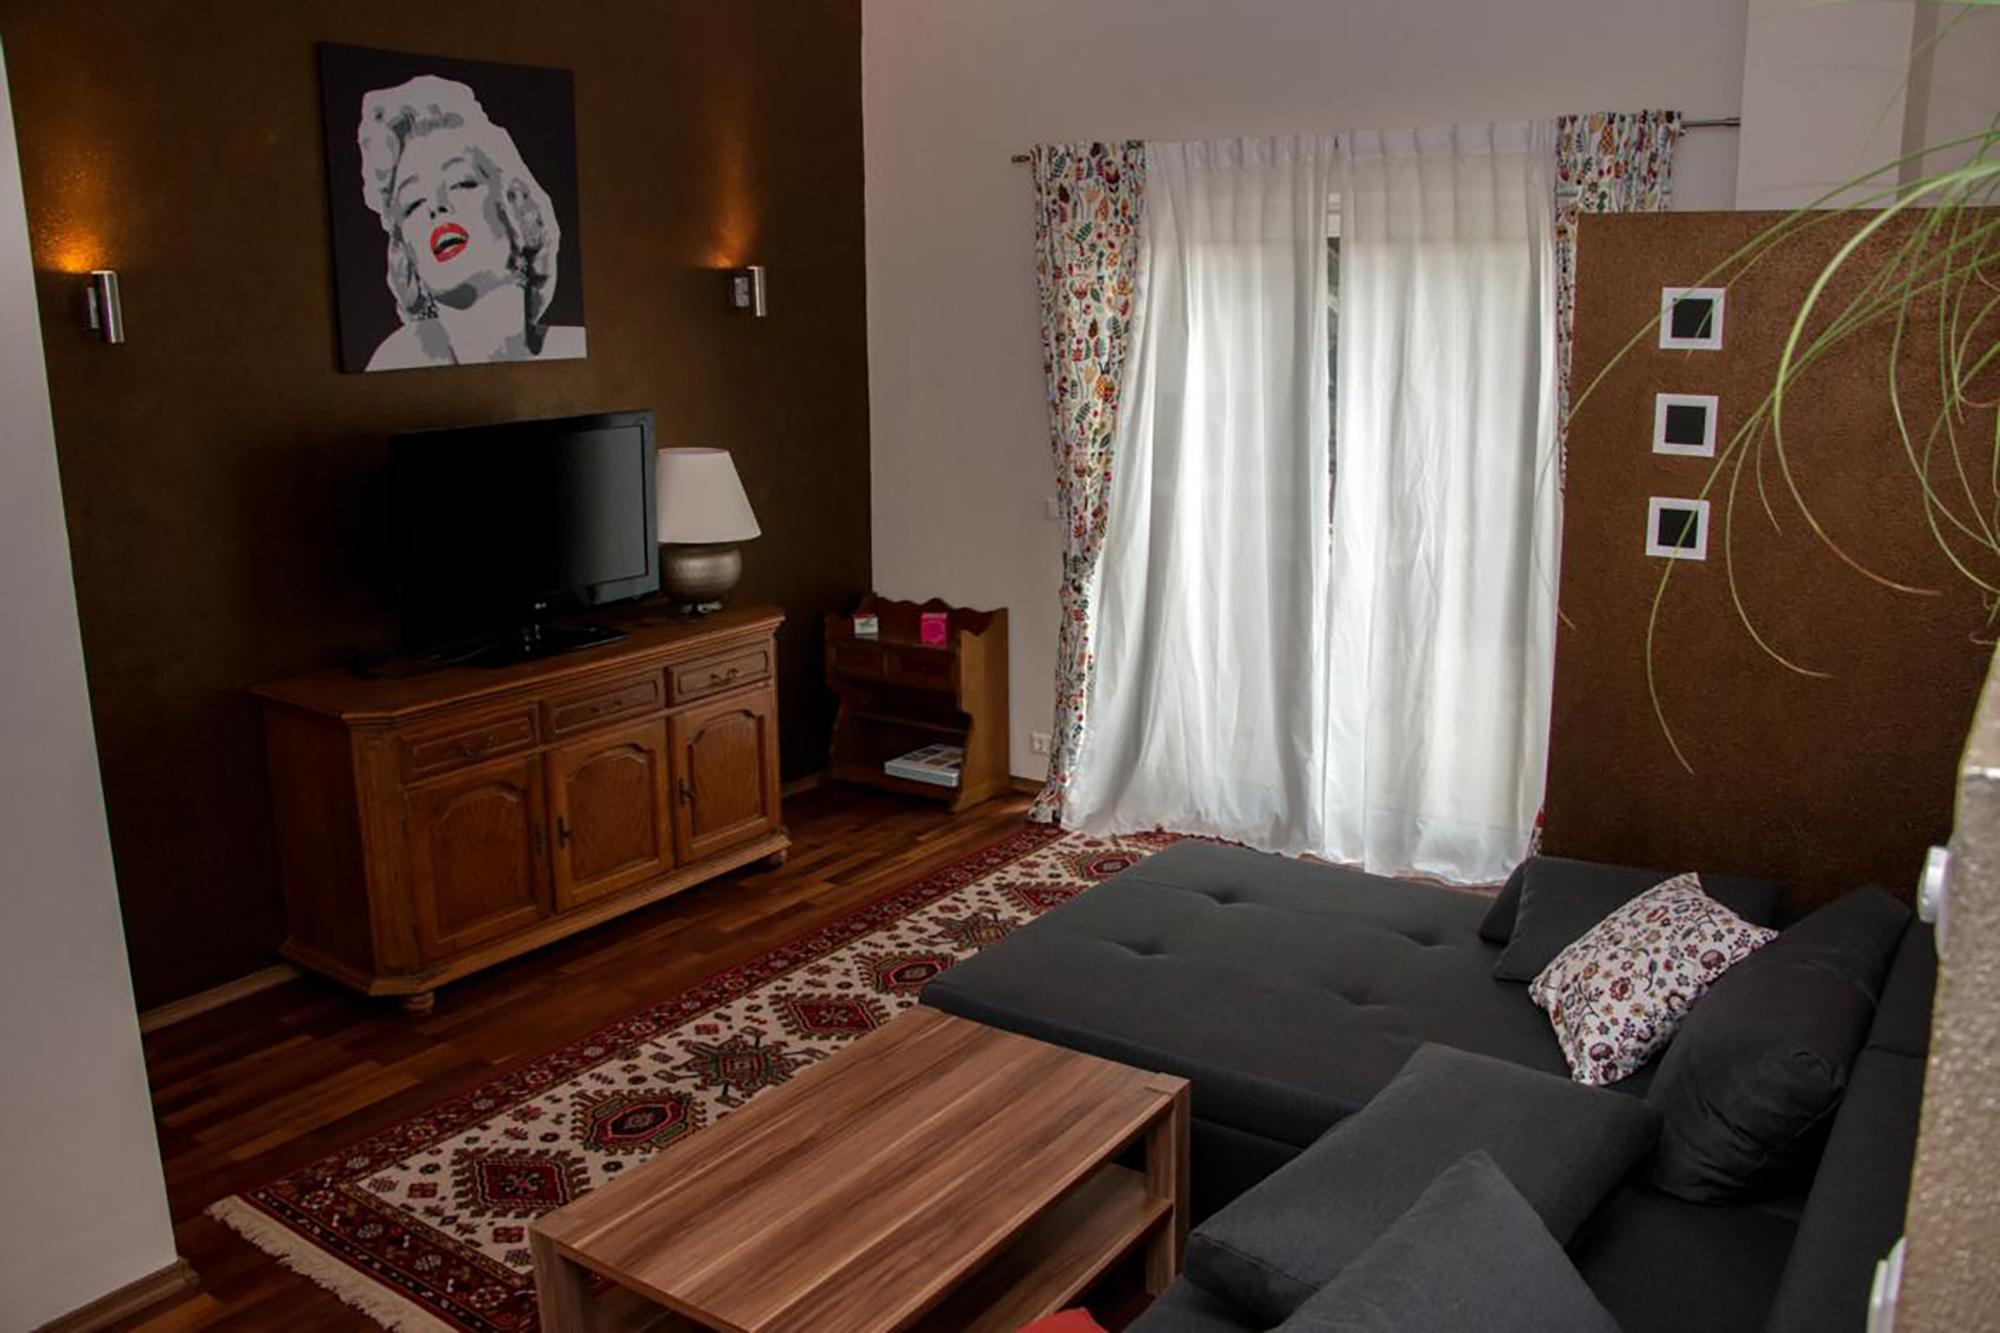 Haus Cäcilia Innsbruck | Wohnzimmer| Bild: Privat